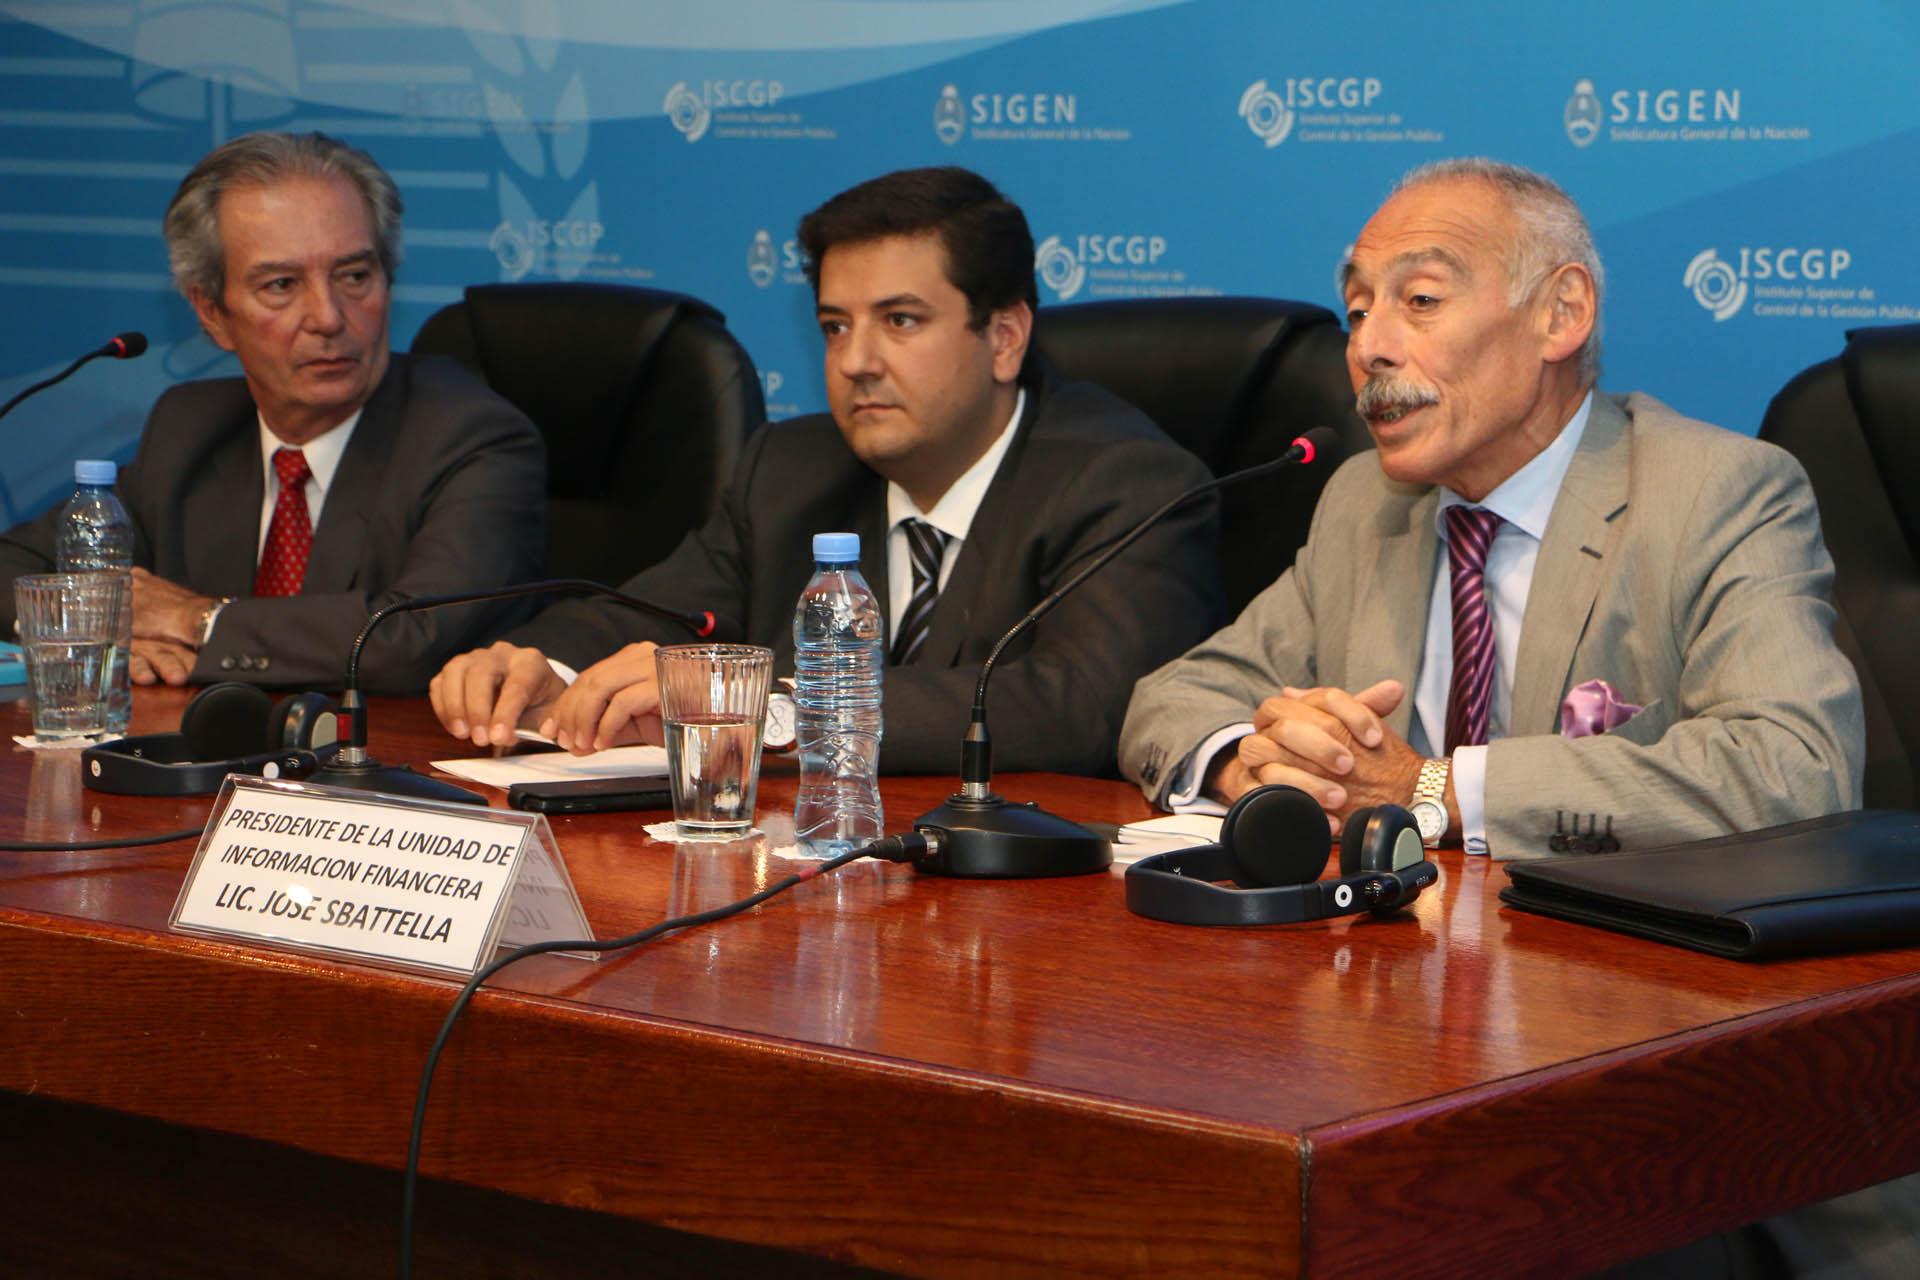 Debaten políticas de cooperación internacional sobre prevención de lavado de activos